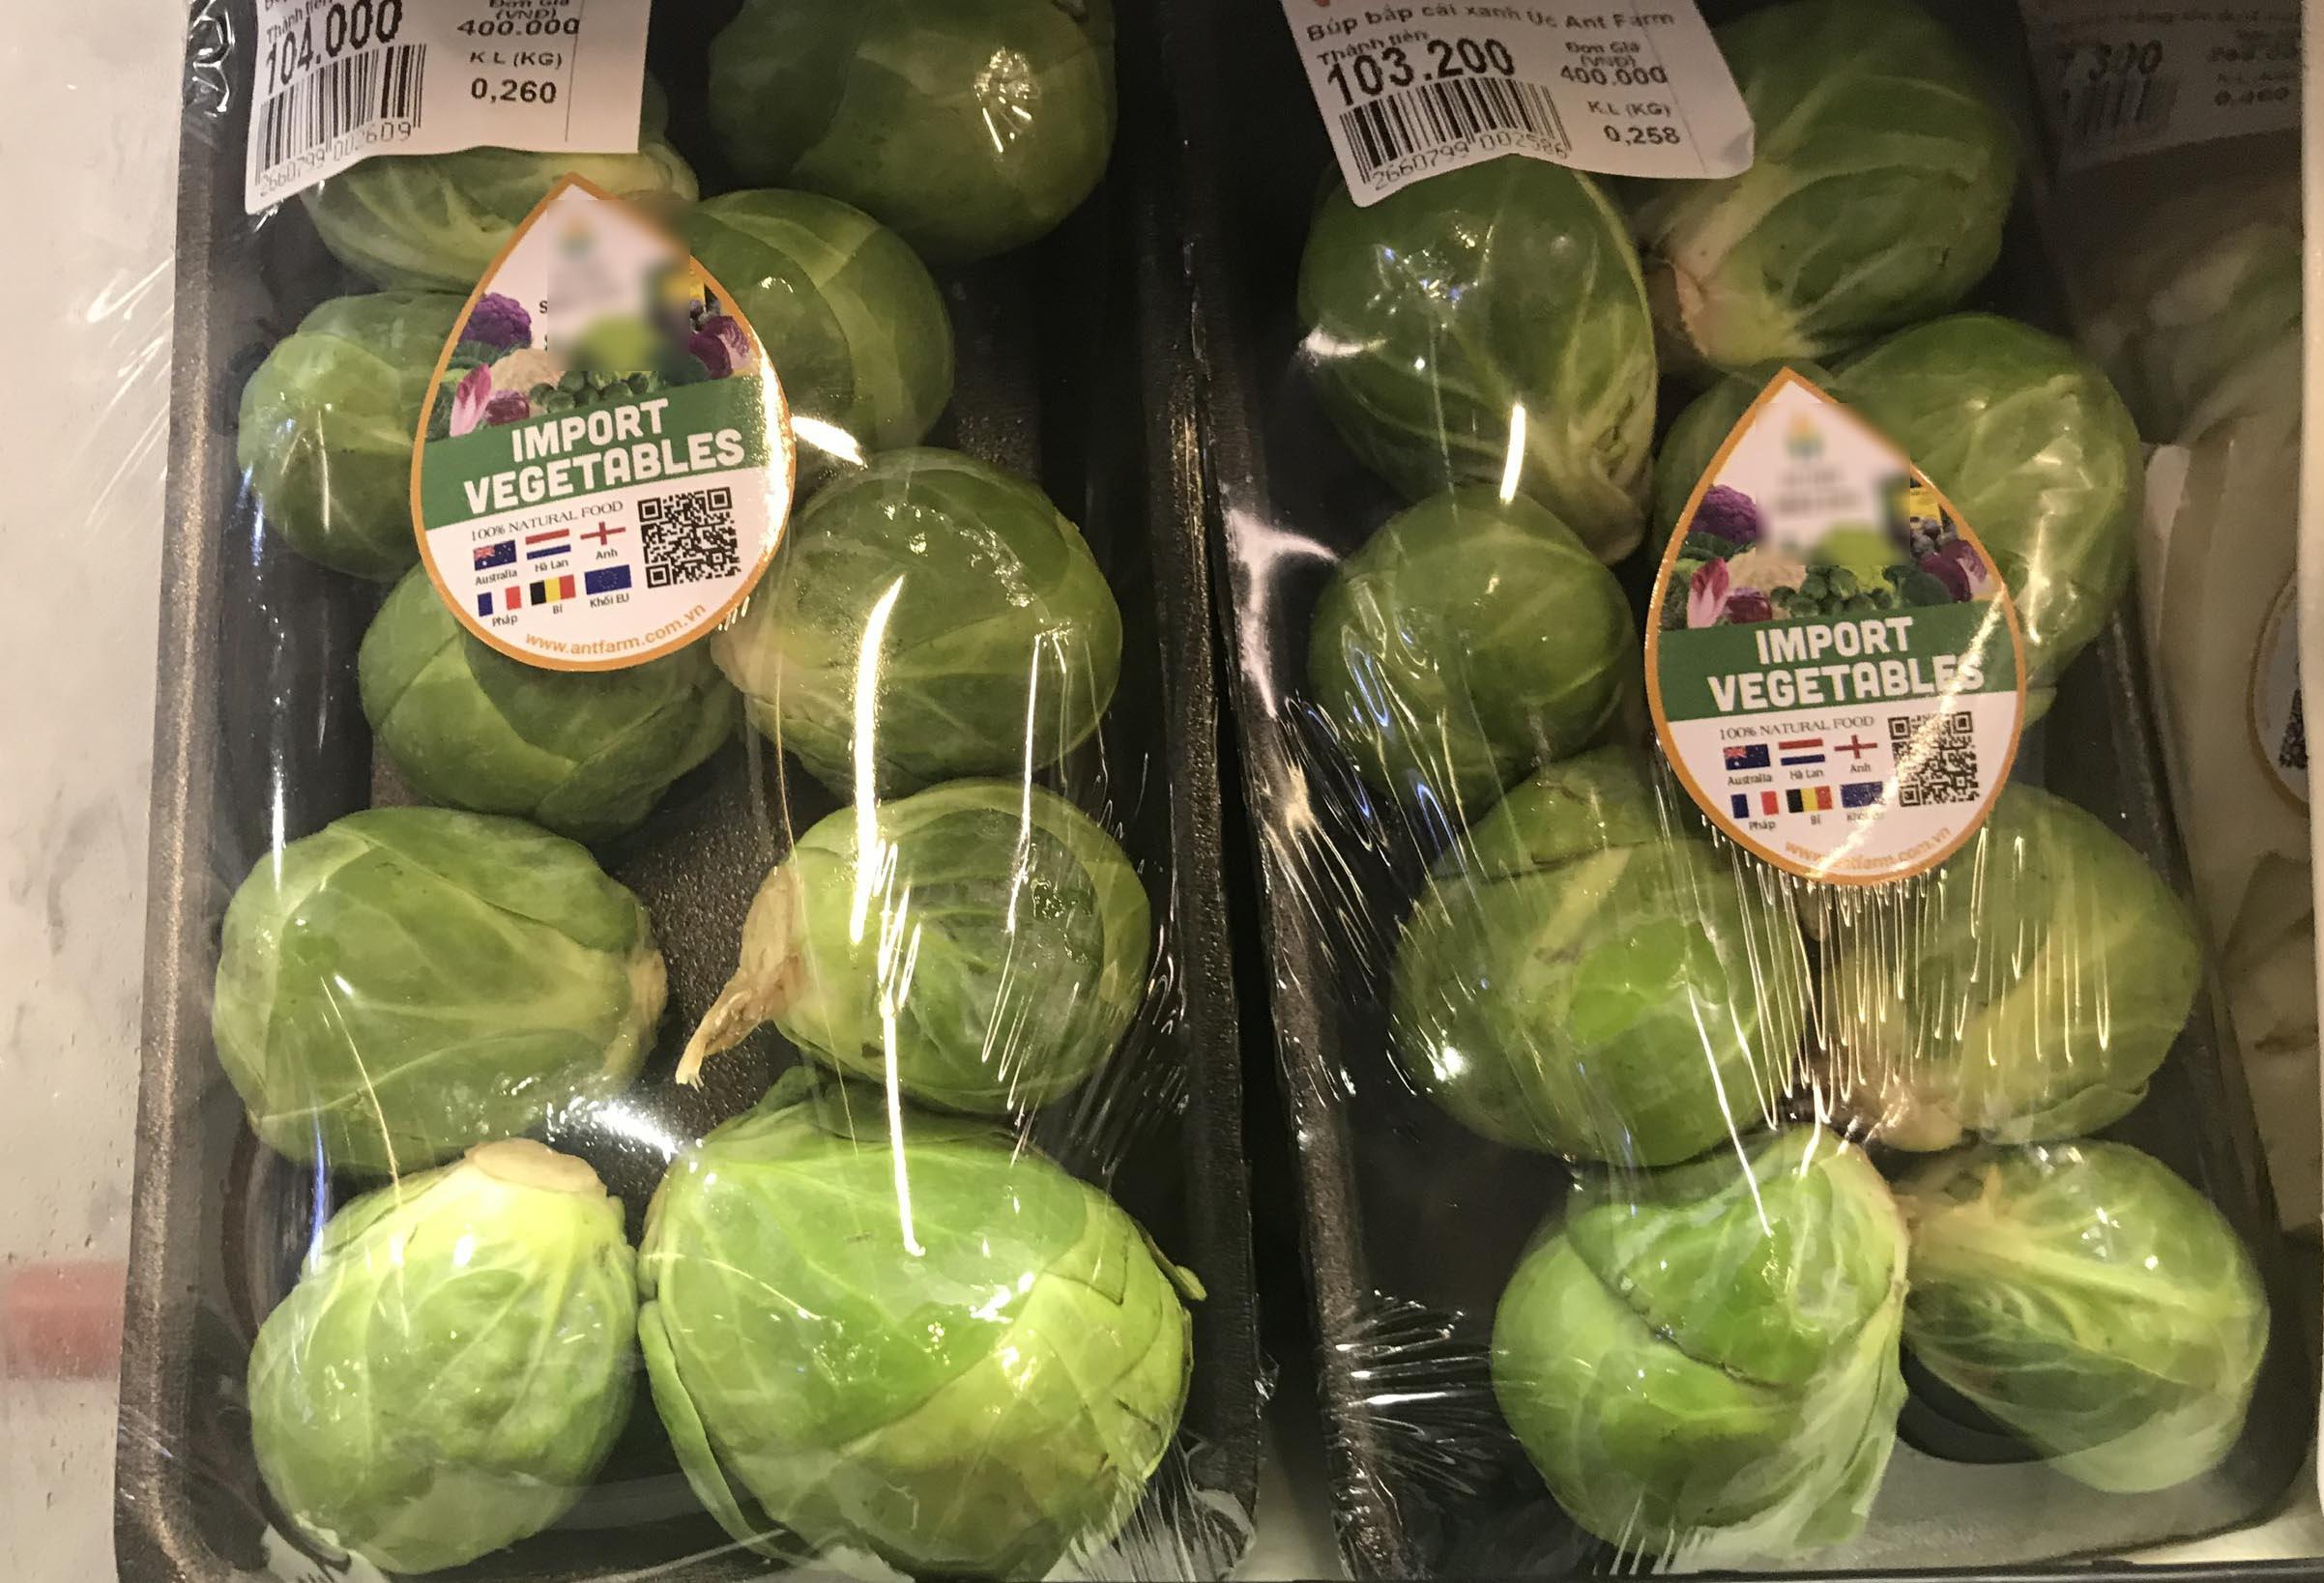 Bay từ Australia về Việt Nam, bắp cải tí hon được hét giá 400.000 đồng/kg - 1